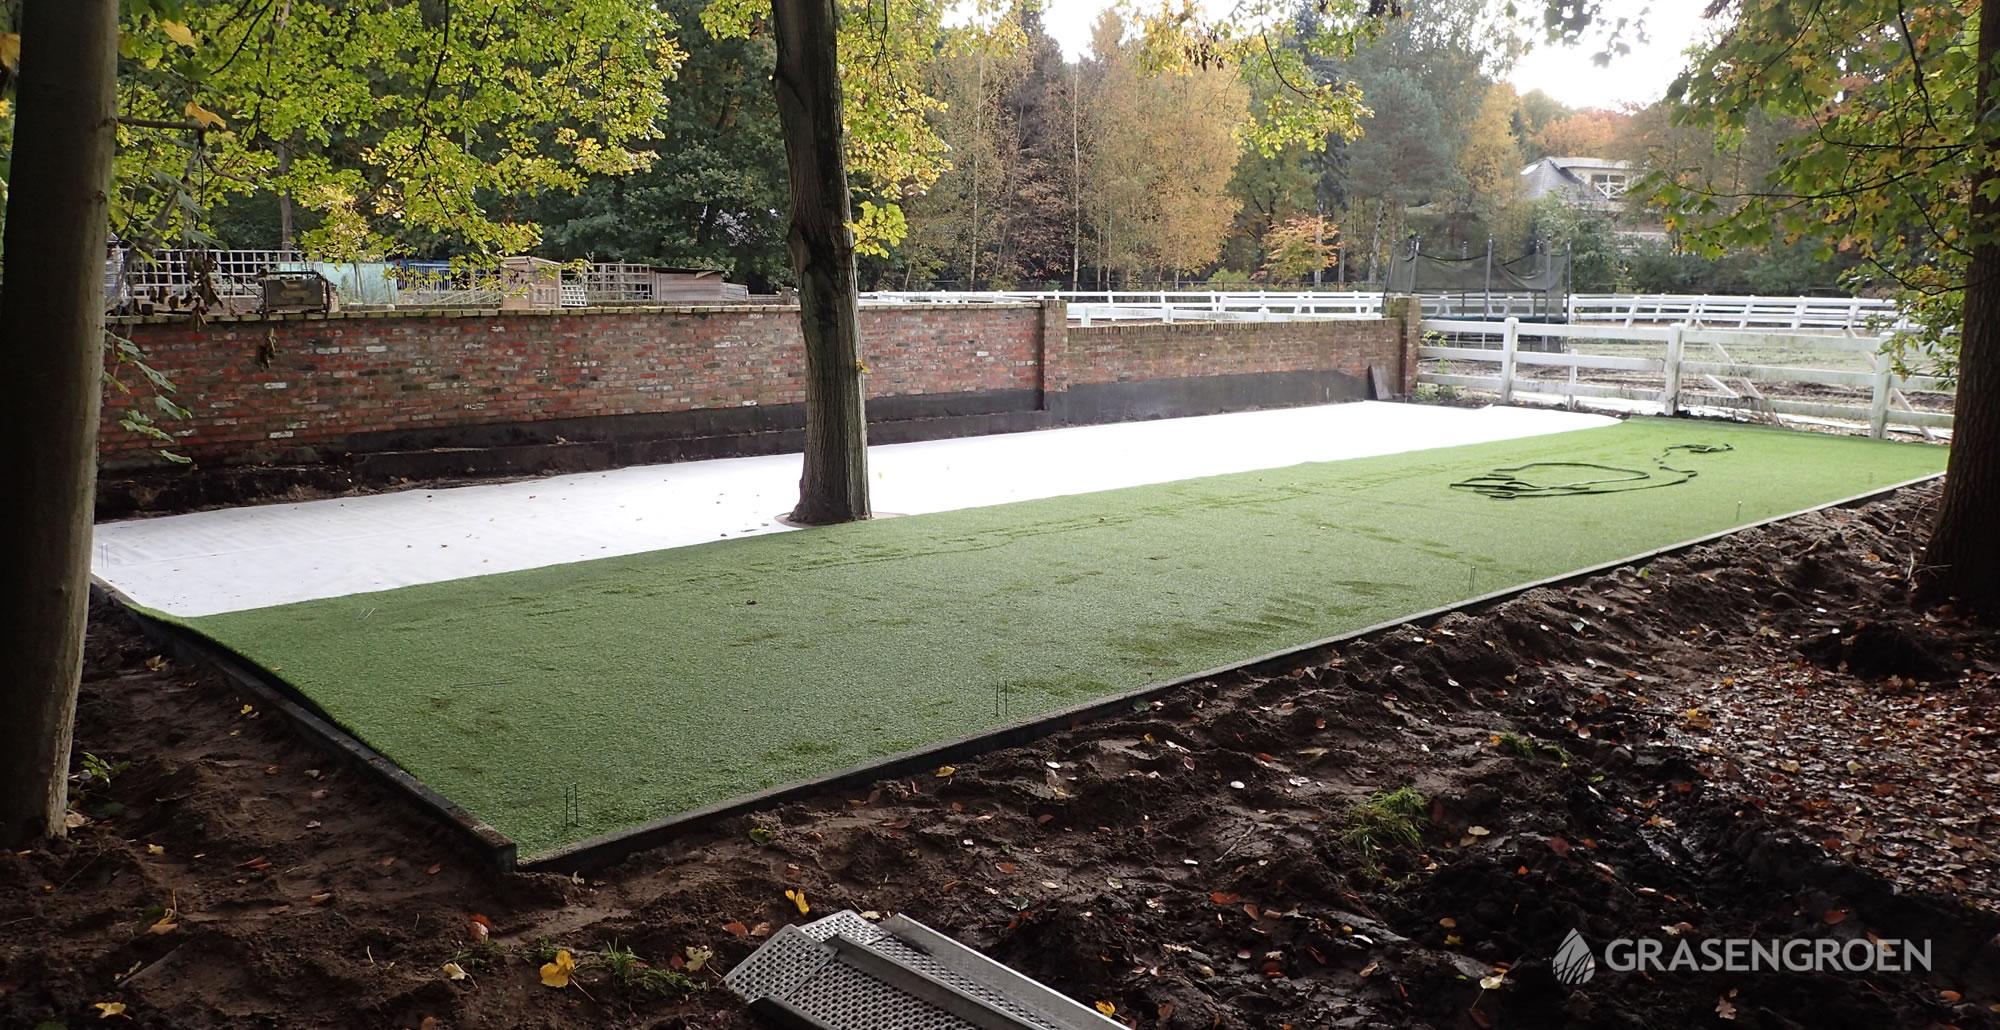 Kunstgrasleggenschoten15 • Gras en Groen Kunstgras